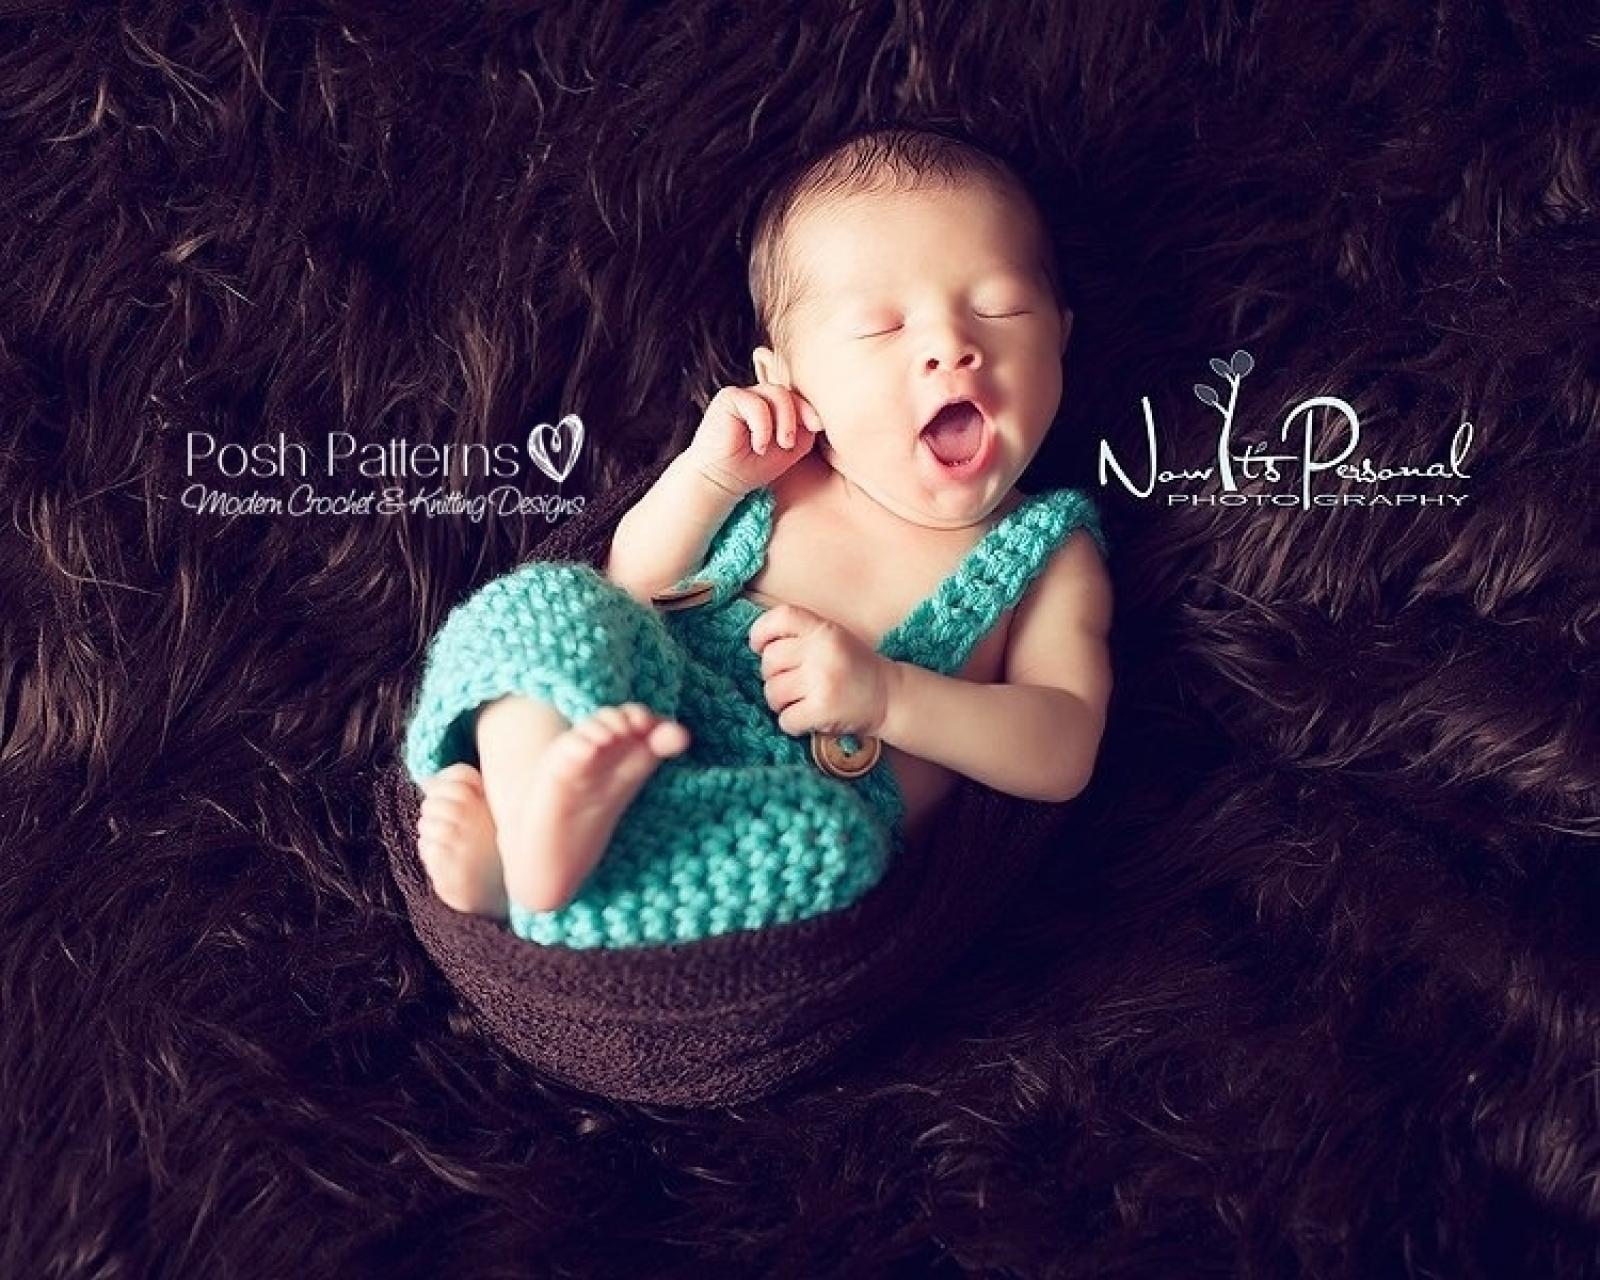 Baby Suspender Pants Crochet Pattern Nerd Photo Prop